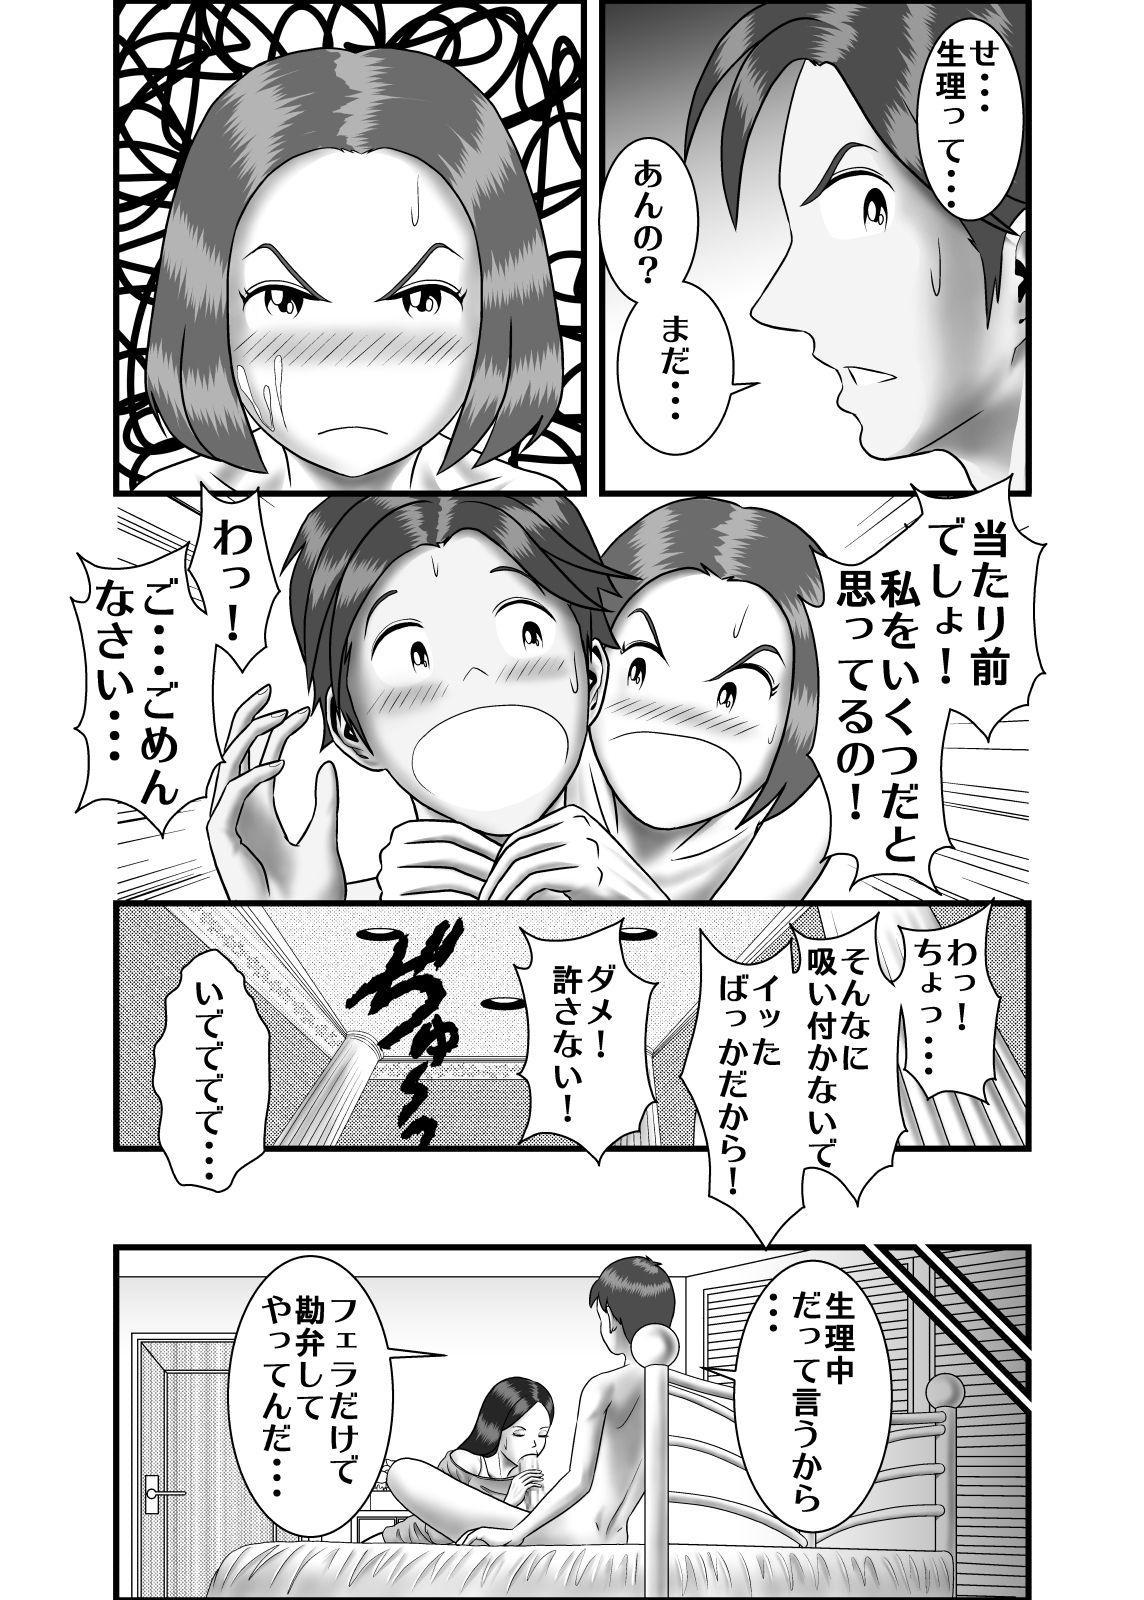 Hajimete no Uwaki Aite wa Kanojo no Hahaoya deshita 2 6